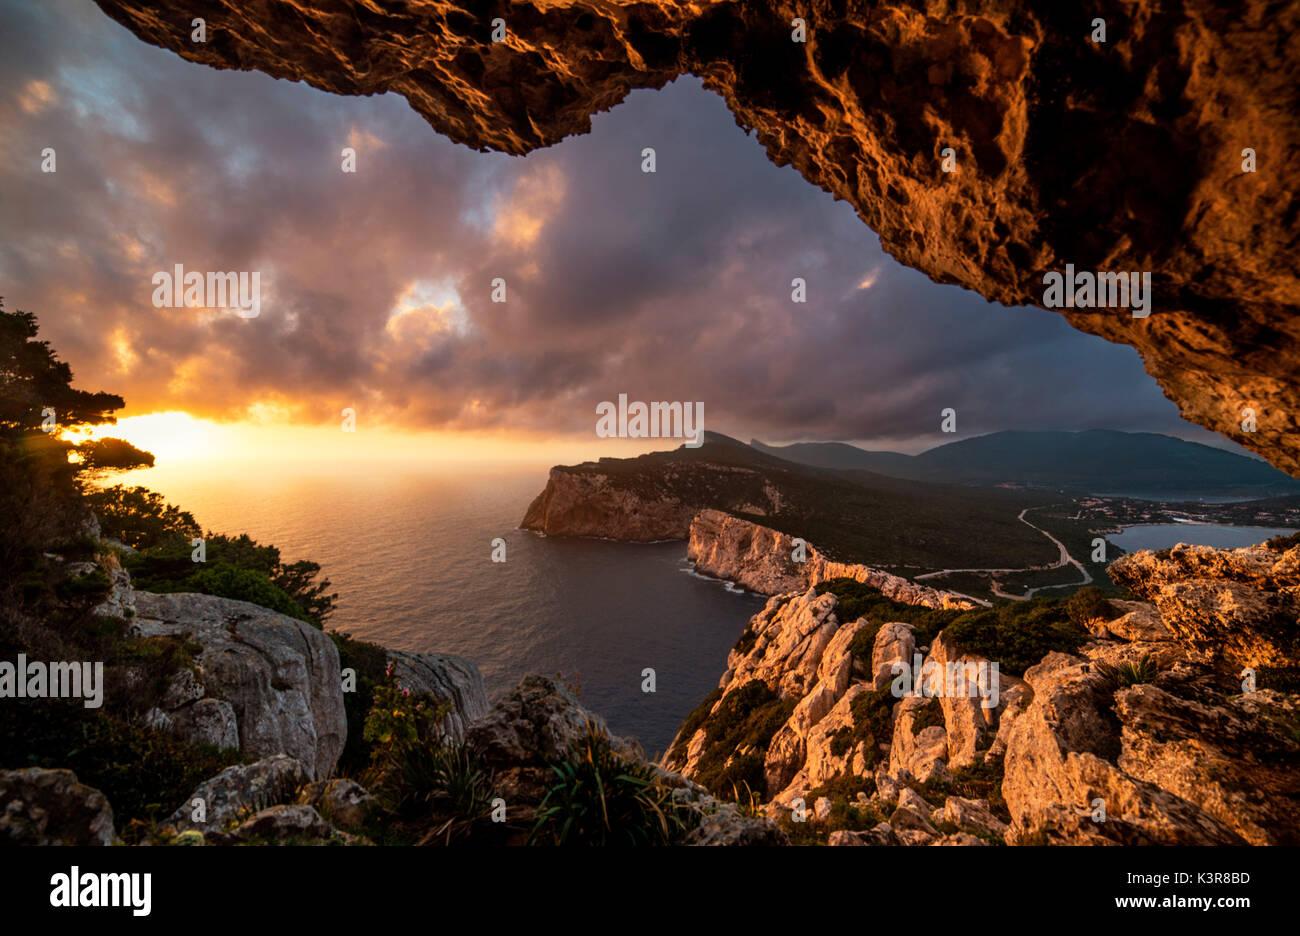 Vasi Rotti Grotte di Capo Caccia, Alghero, provincia di Sassari, Sardegna, Italia, Europa. Immagini Stock